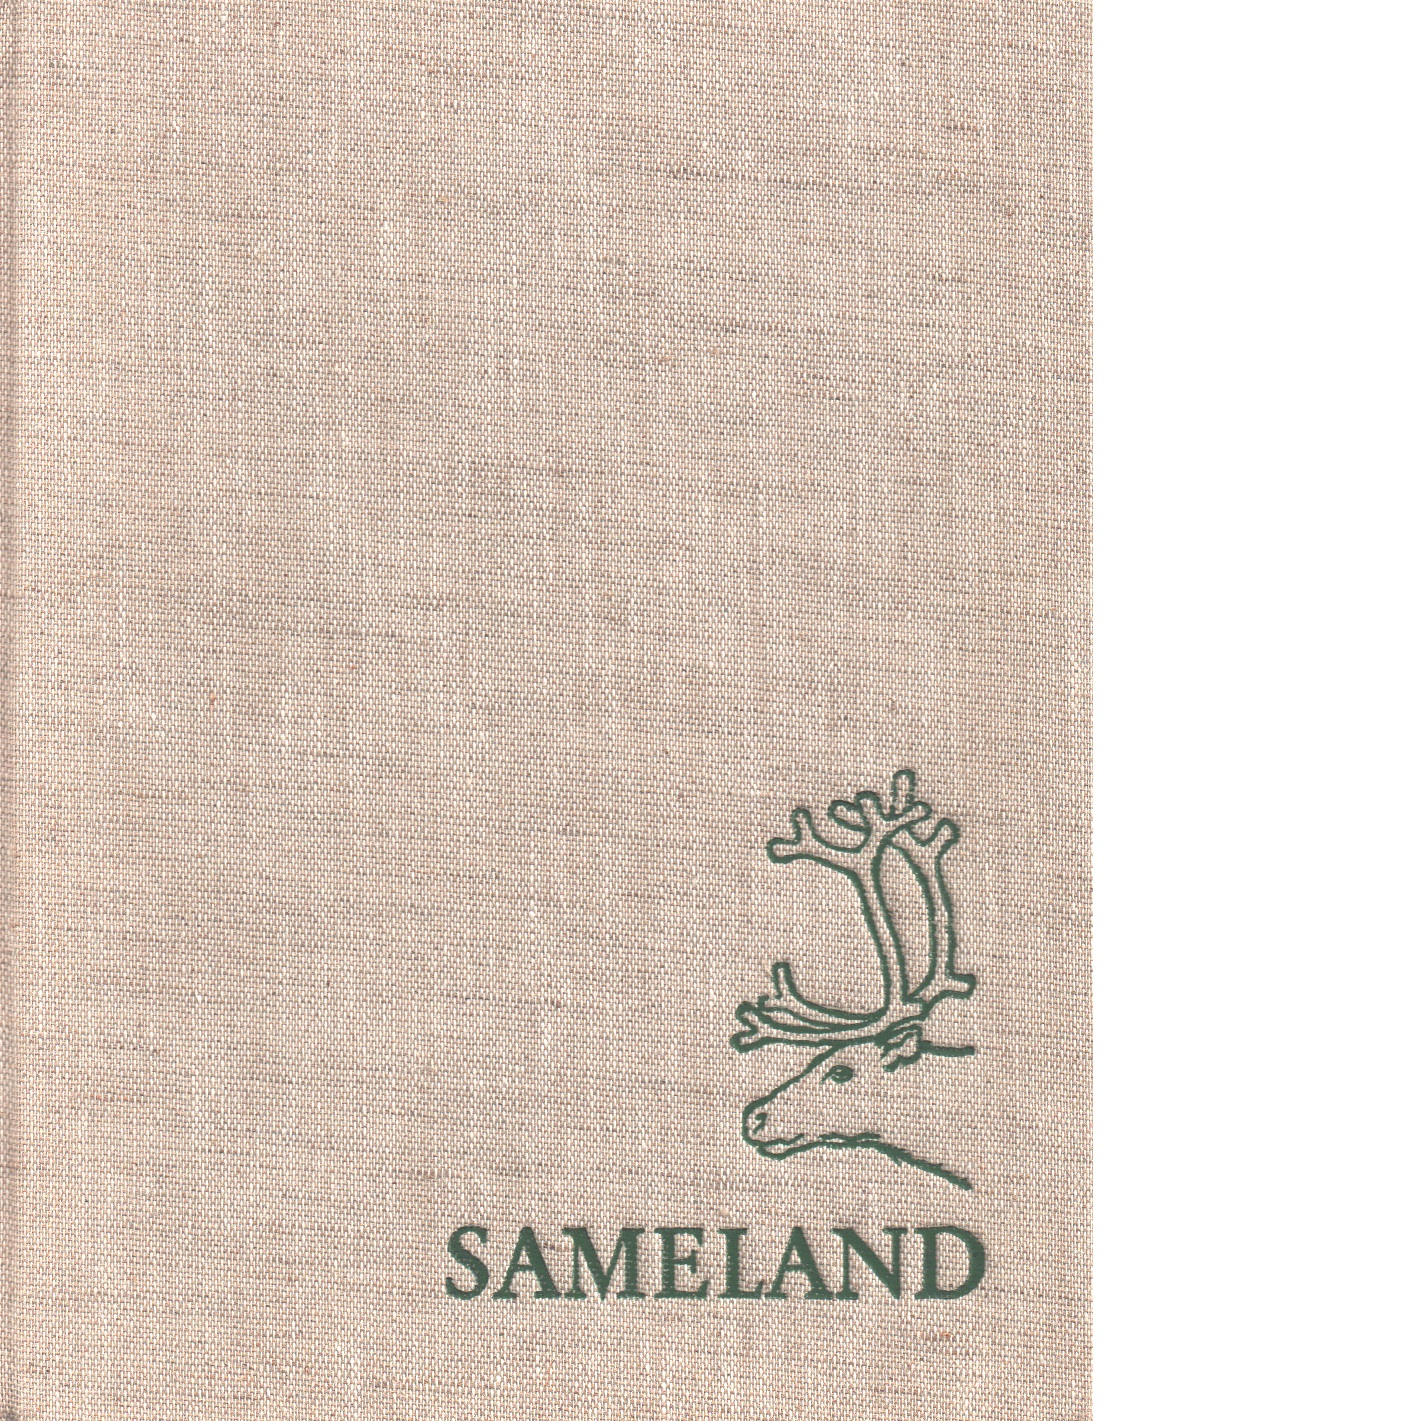 Sameland : samtliga fotografier av Gunnar Rönn - Rönn, Gunnar